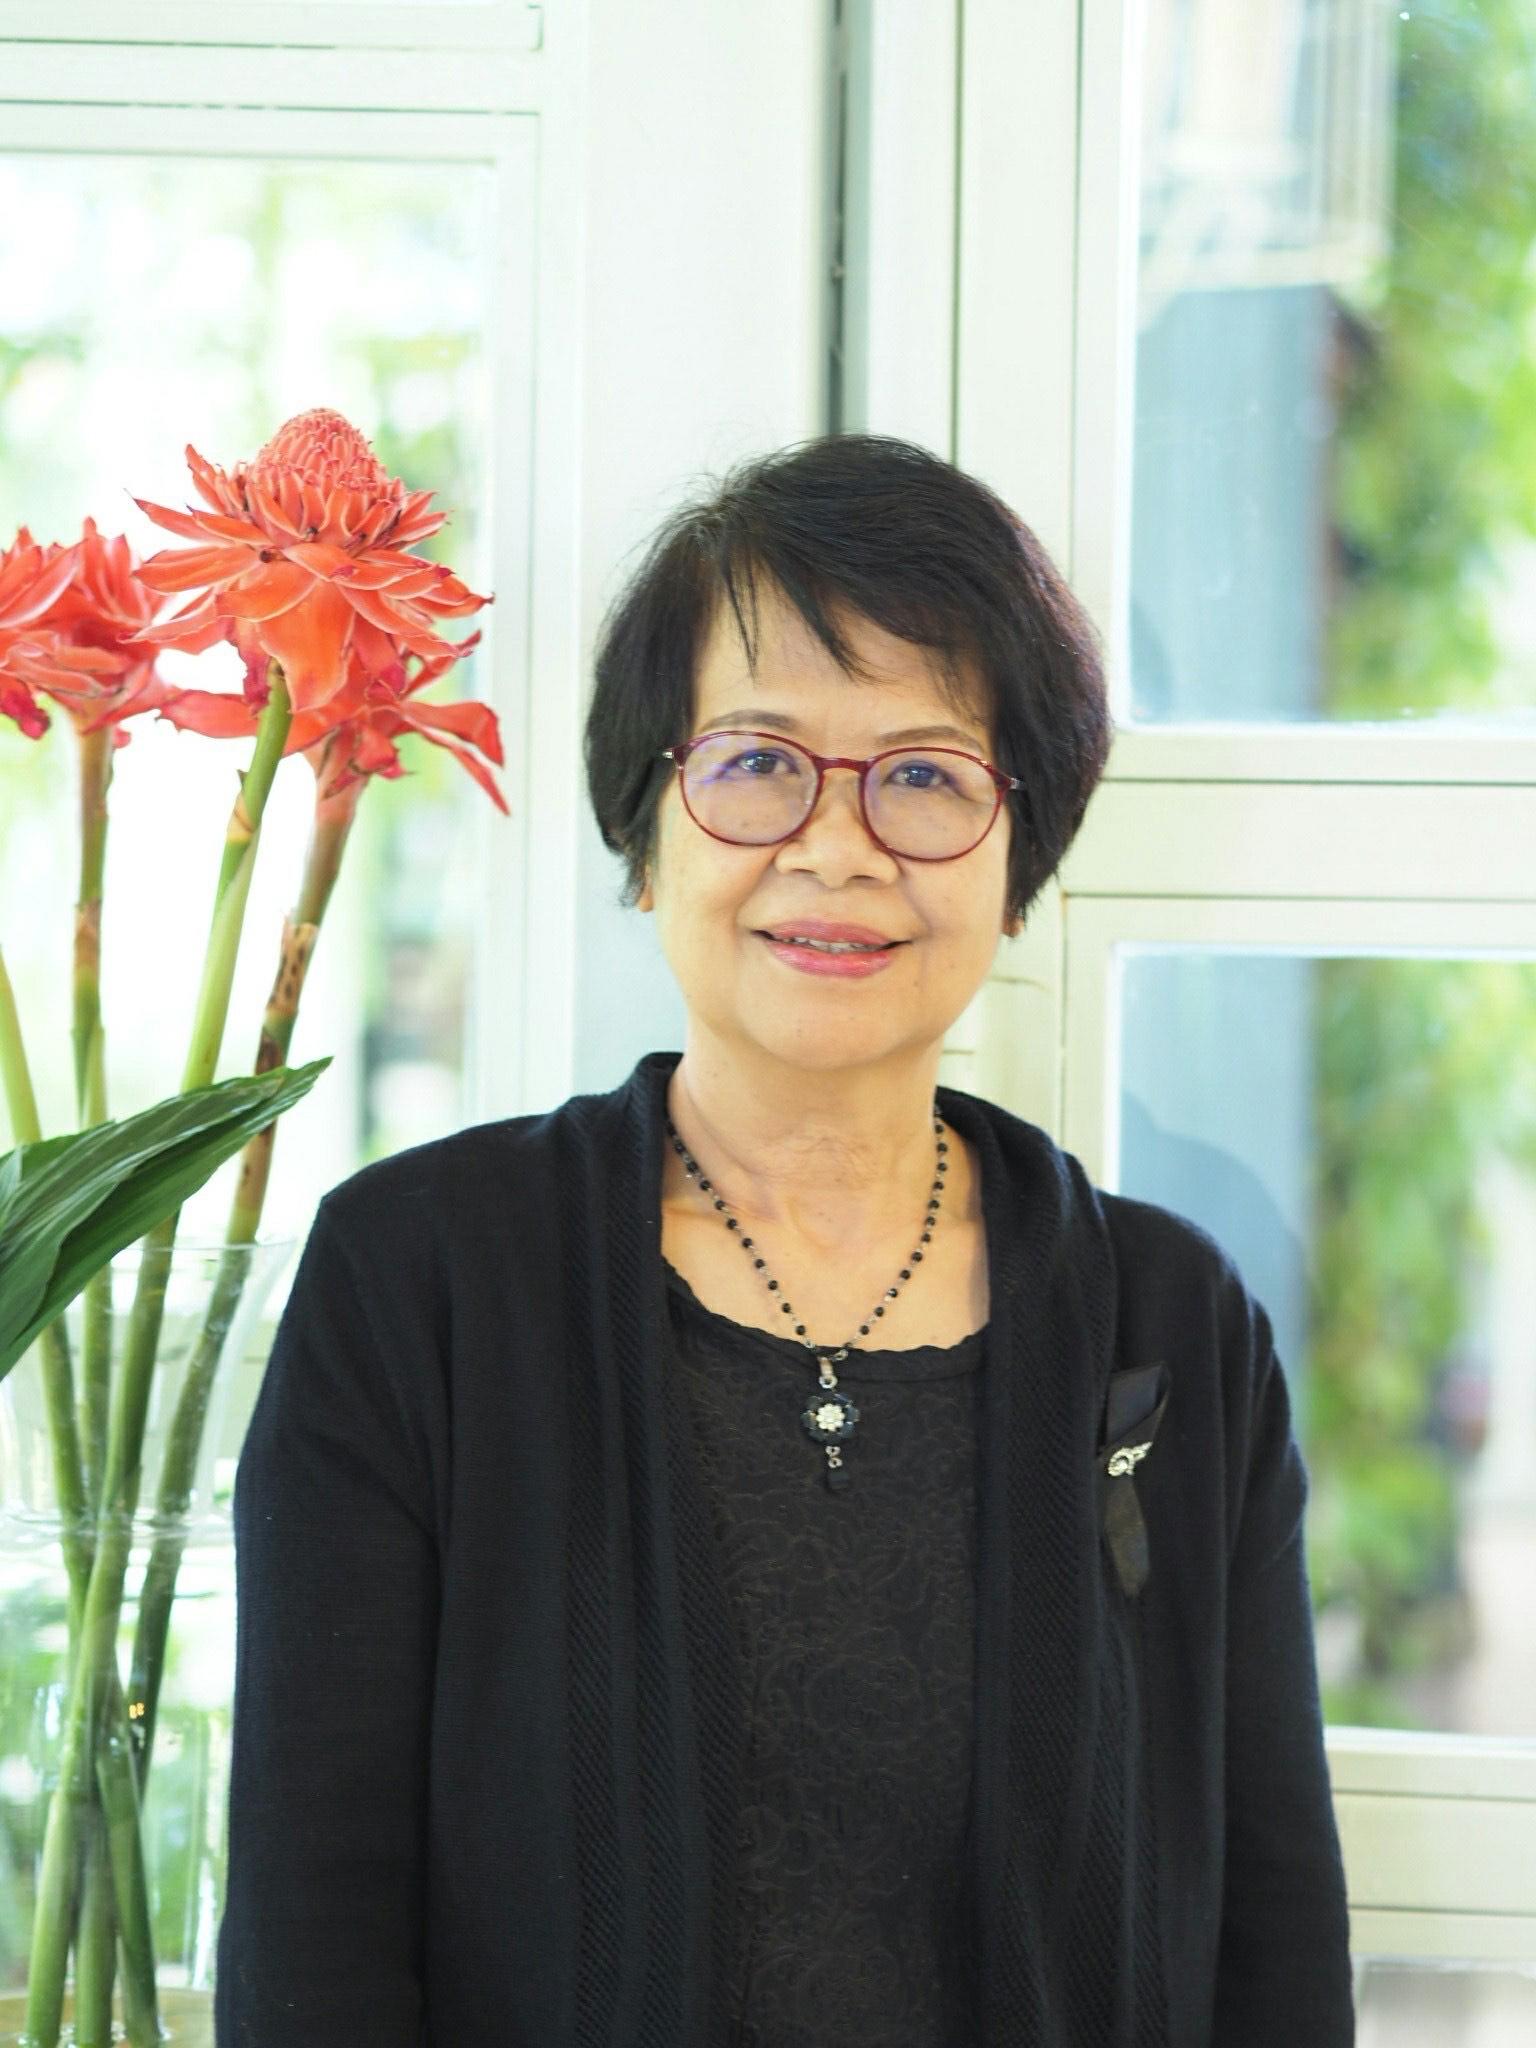 Ms. Rossukon Tariya